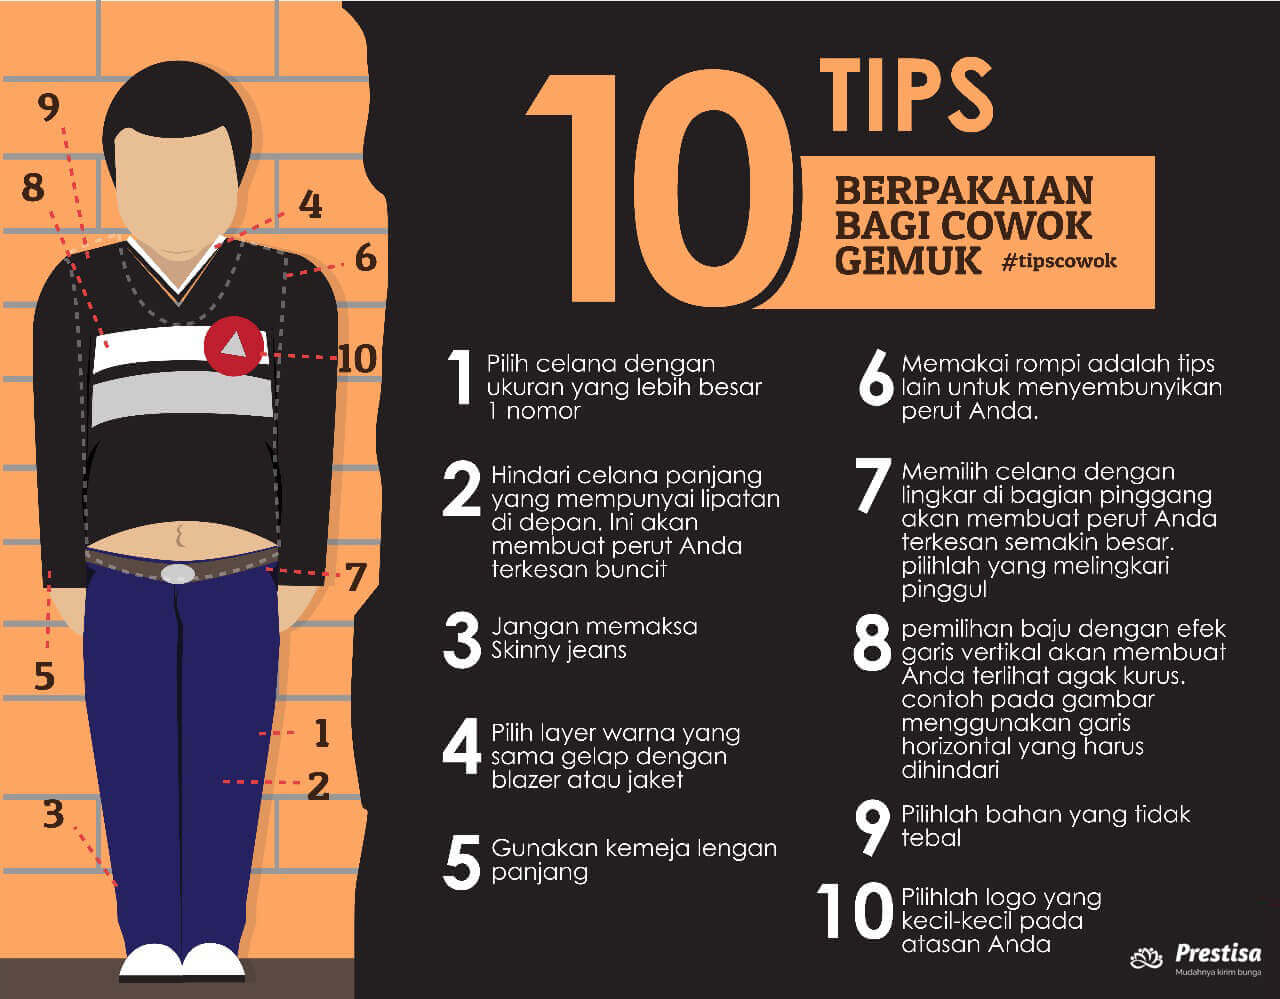 Tips Berpakaian Bagi Cowok Gemuk